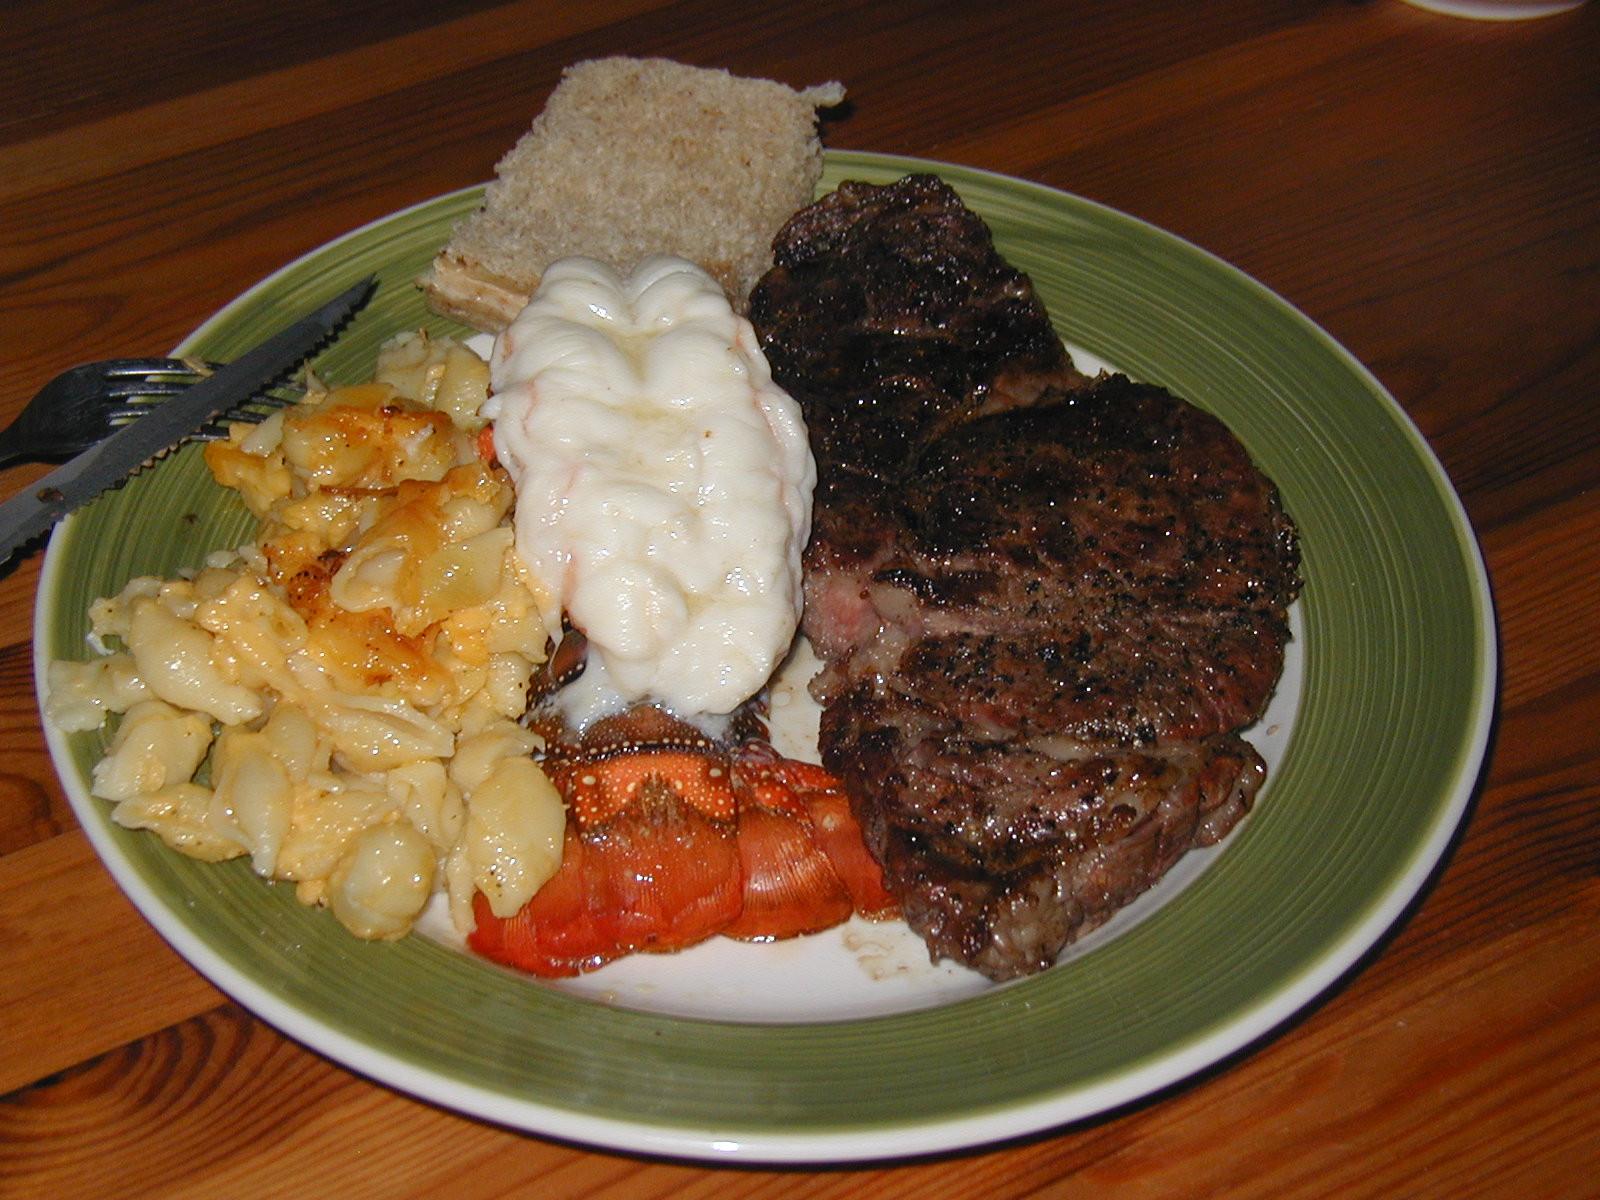 Steak And Lobster Dinner  A Gypsy Heart and Farmer Feet Port Aransas January 2011